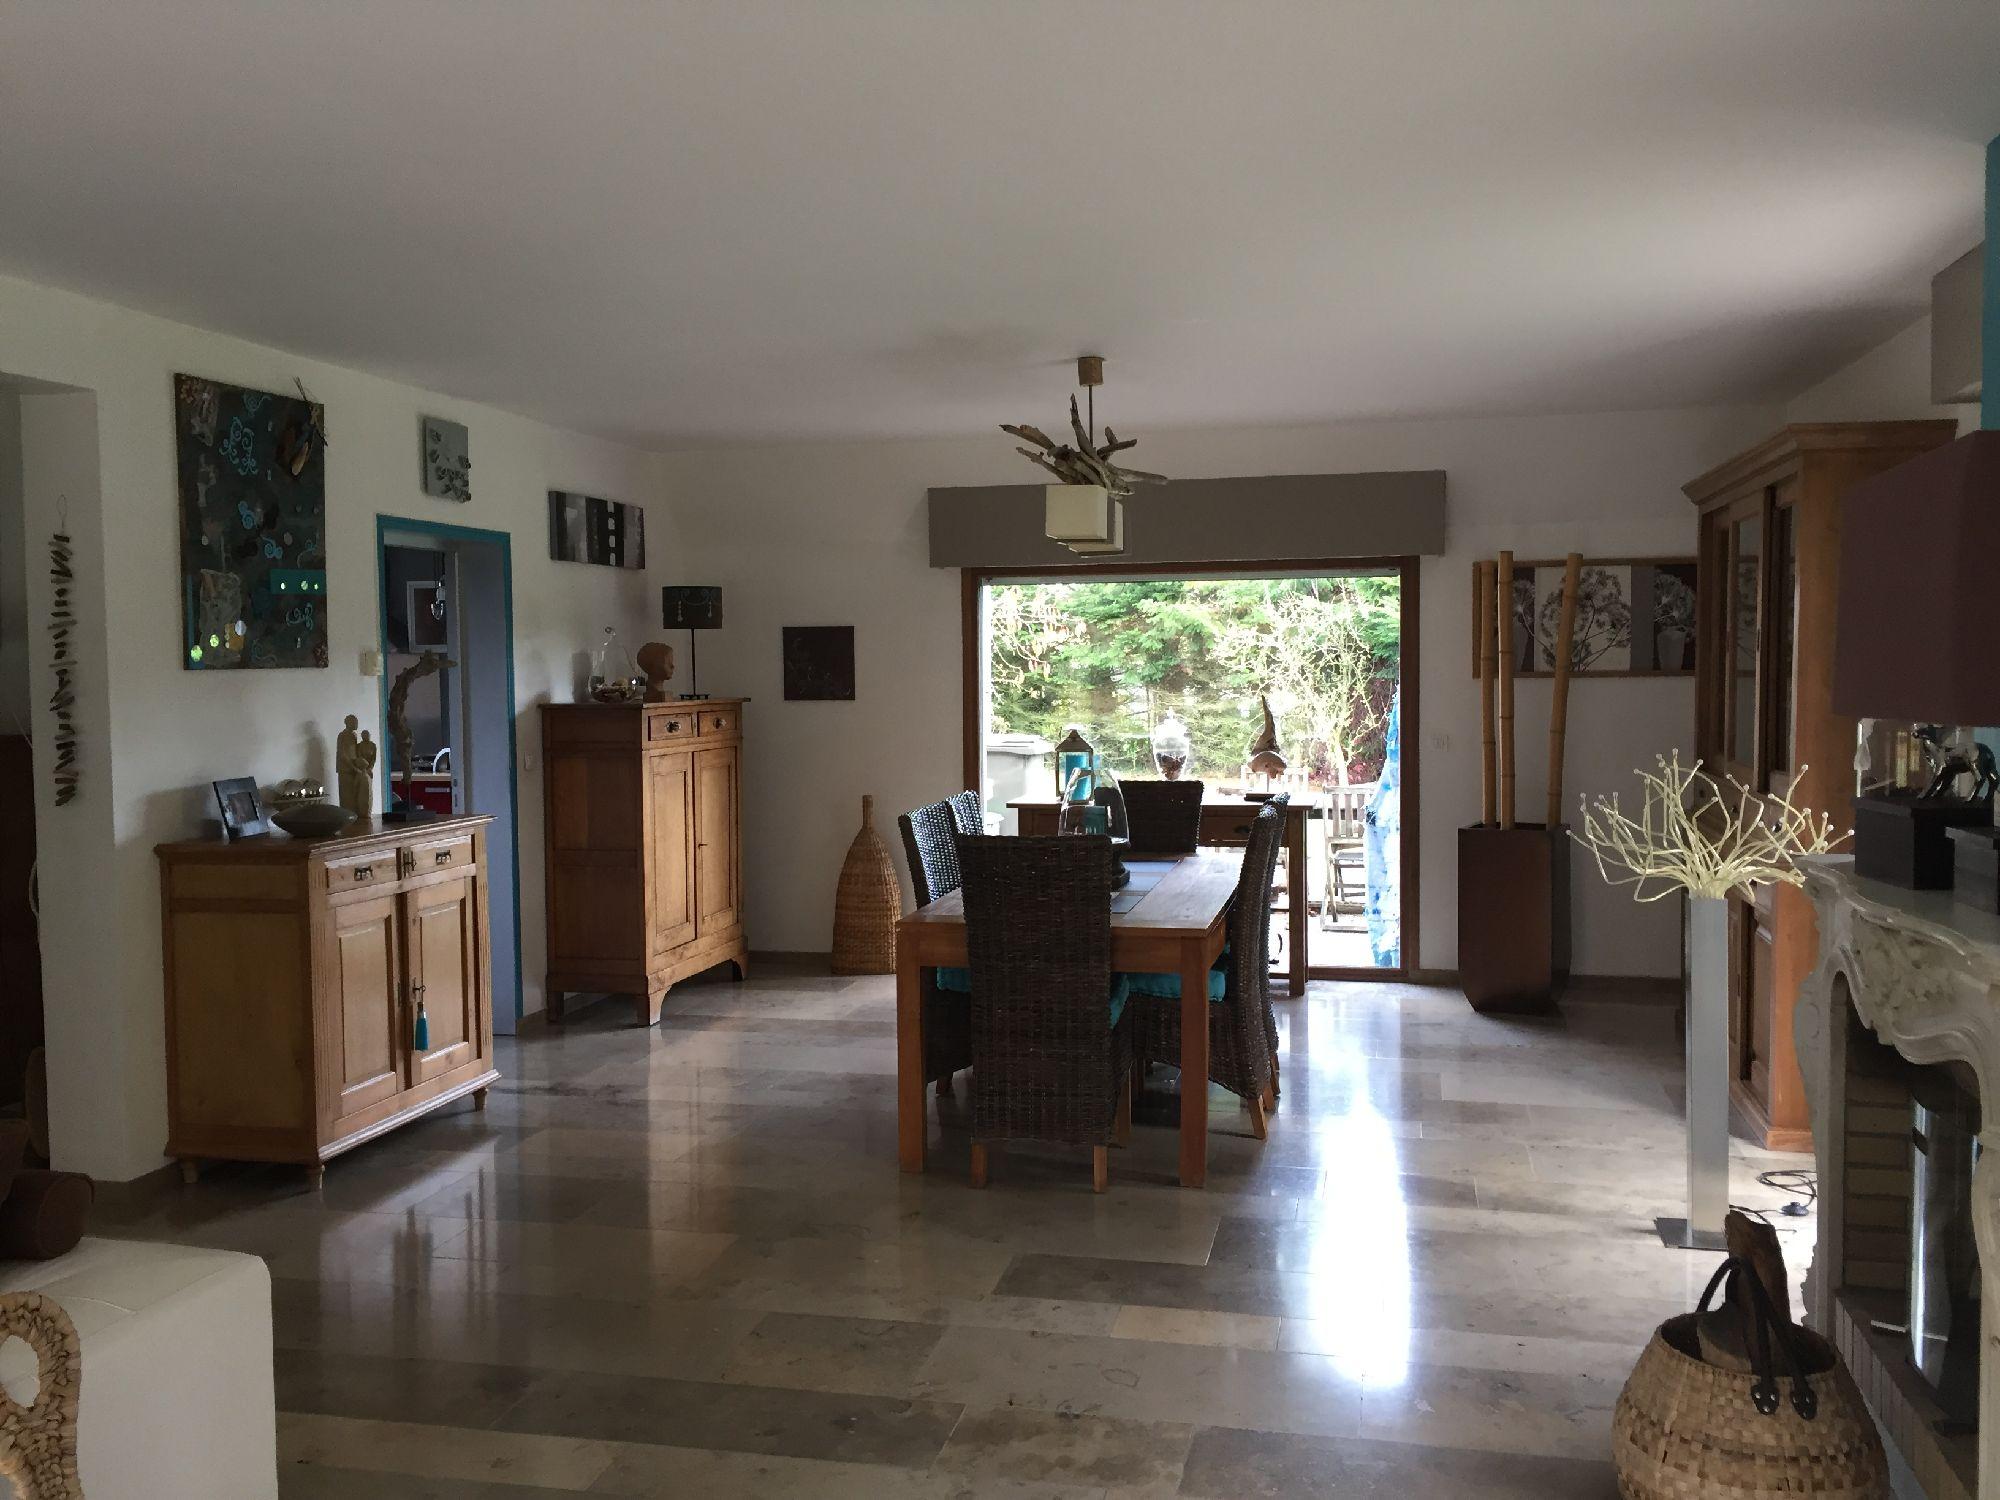 vente maison st amand les eaux prix 499 000 hni ref 59175 1018. Black Bedroom Furniture Sets. Home Design Ideas